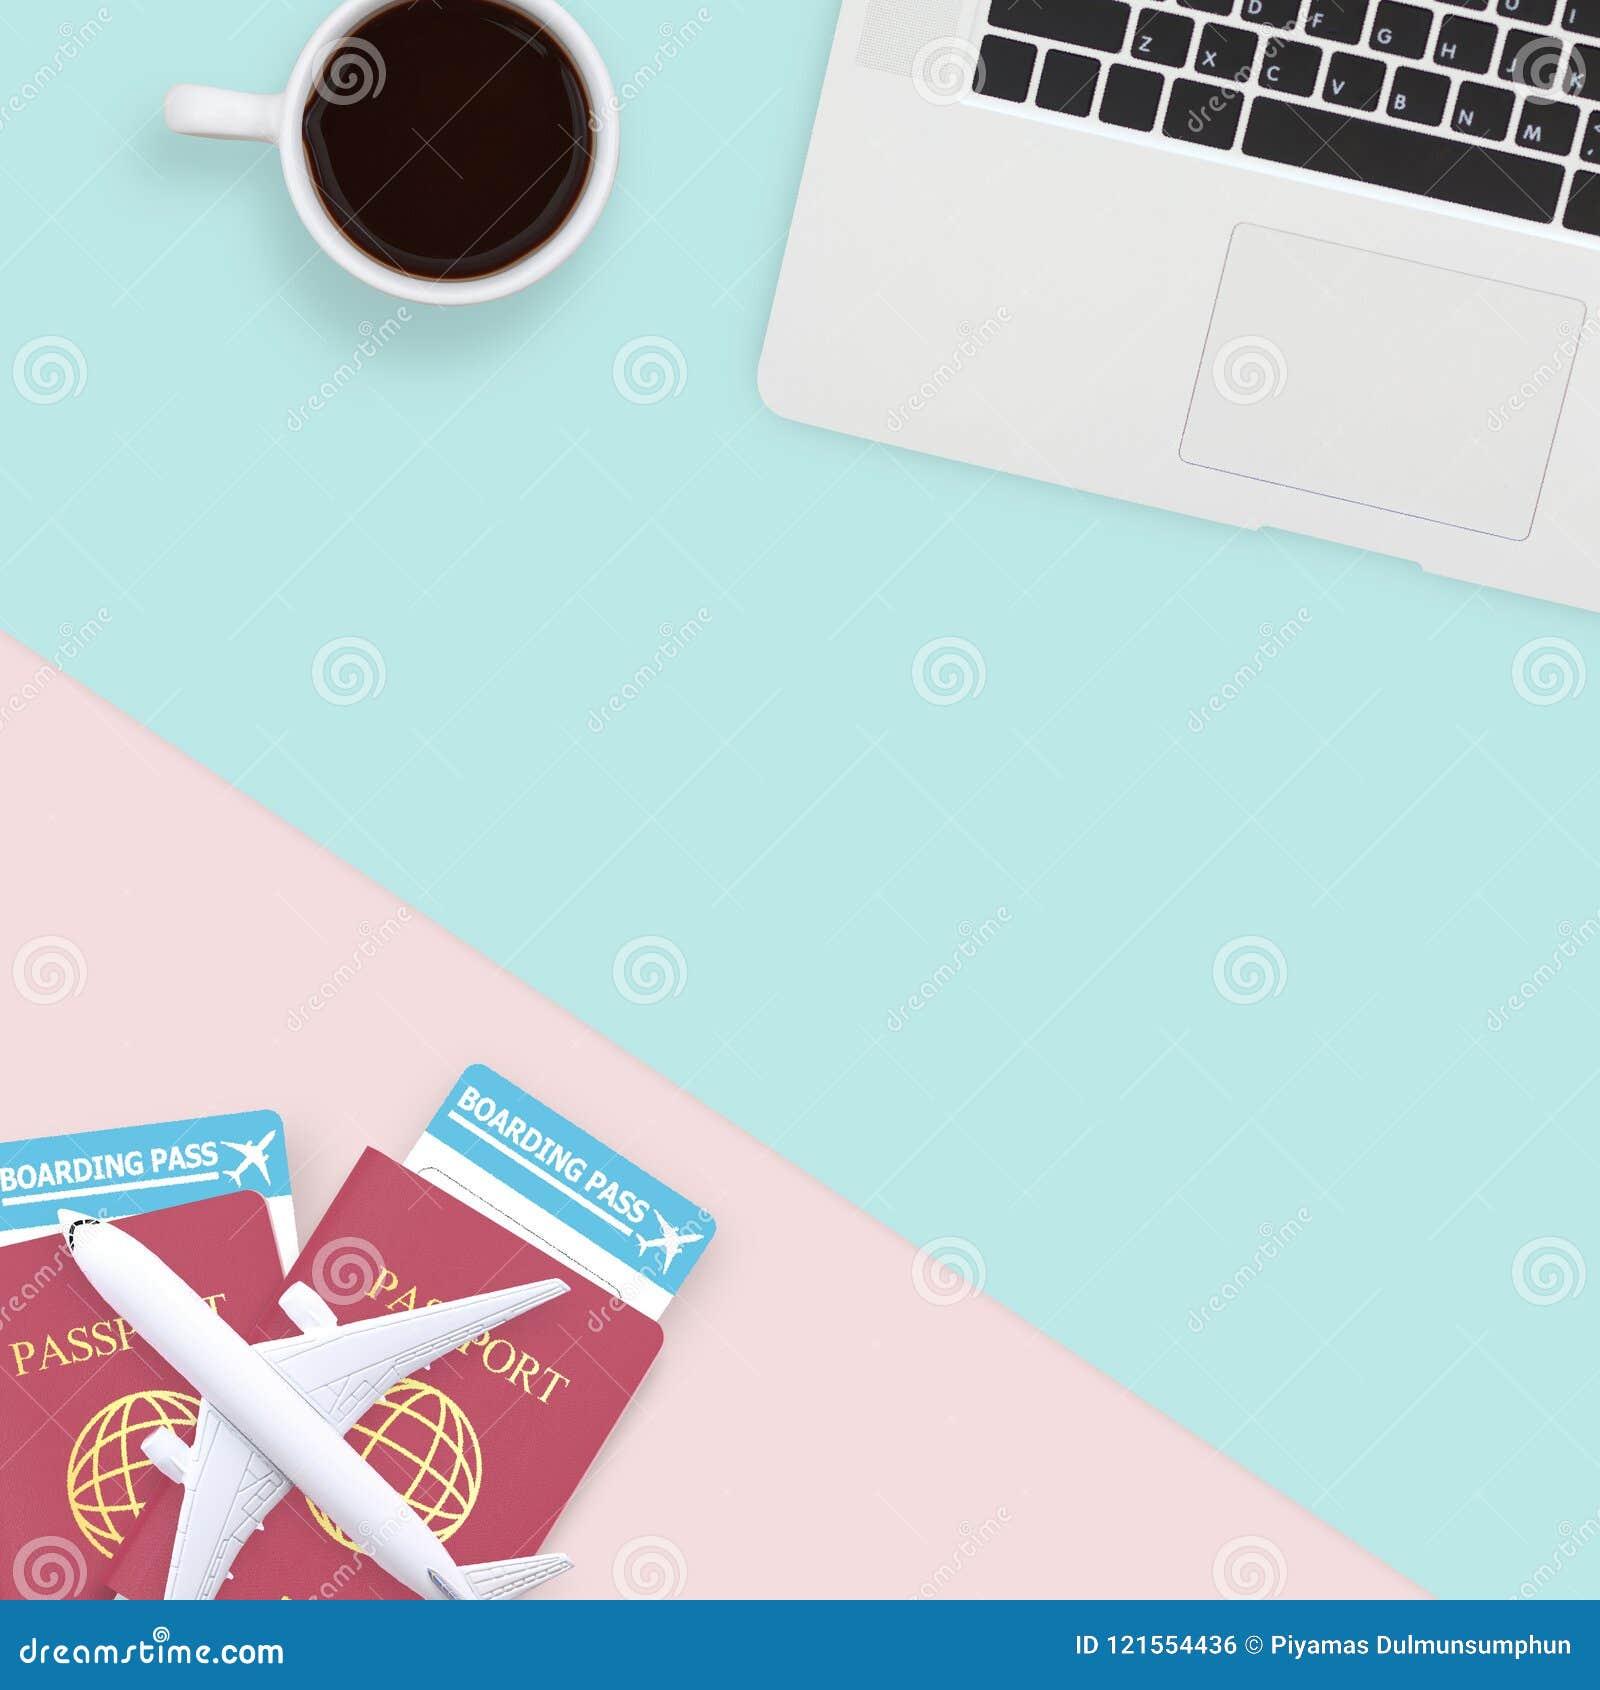 Vlak leg van paspoort, witte vliegtuigmodel en computerlaptop